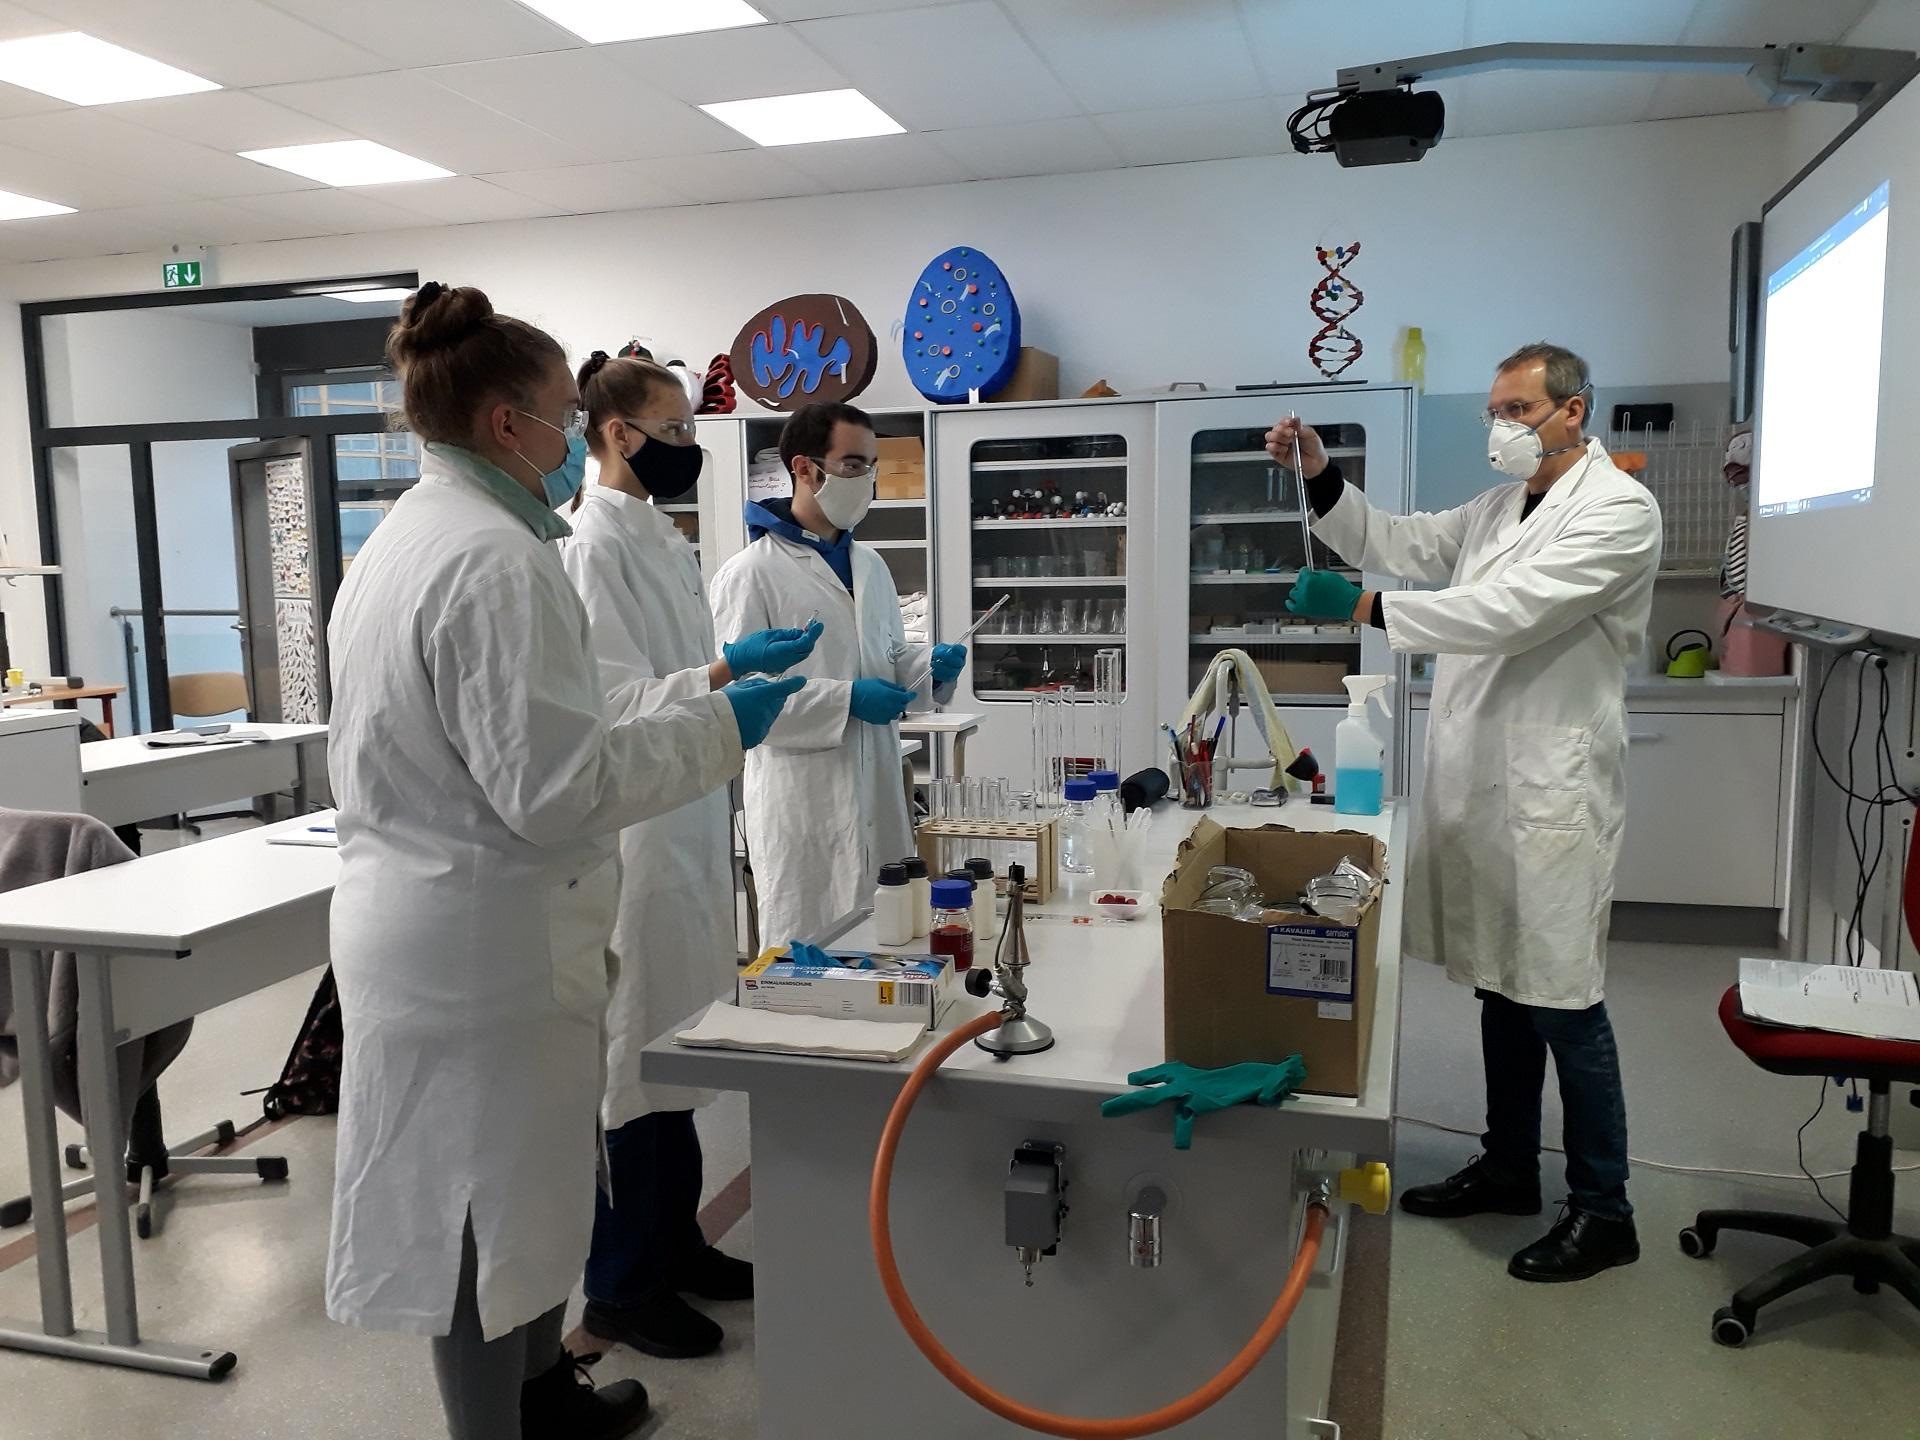 Wissenschaftliches Überraschungspaket bereichert den Chemieunterricht mit neuem Labormaterial